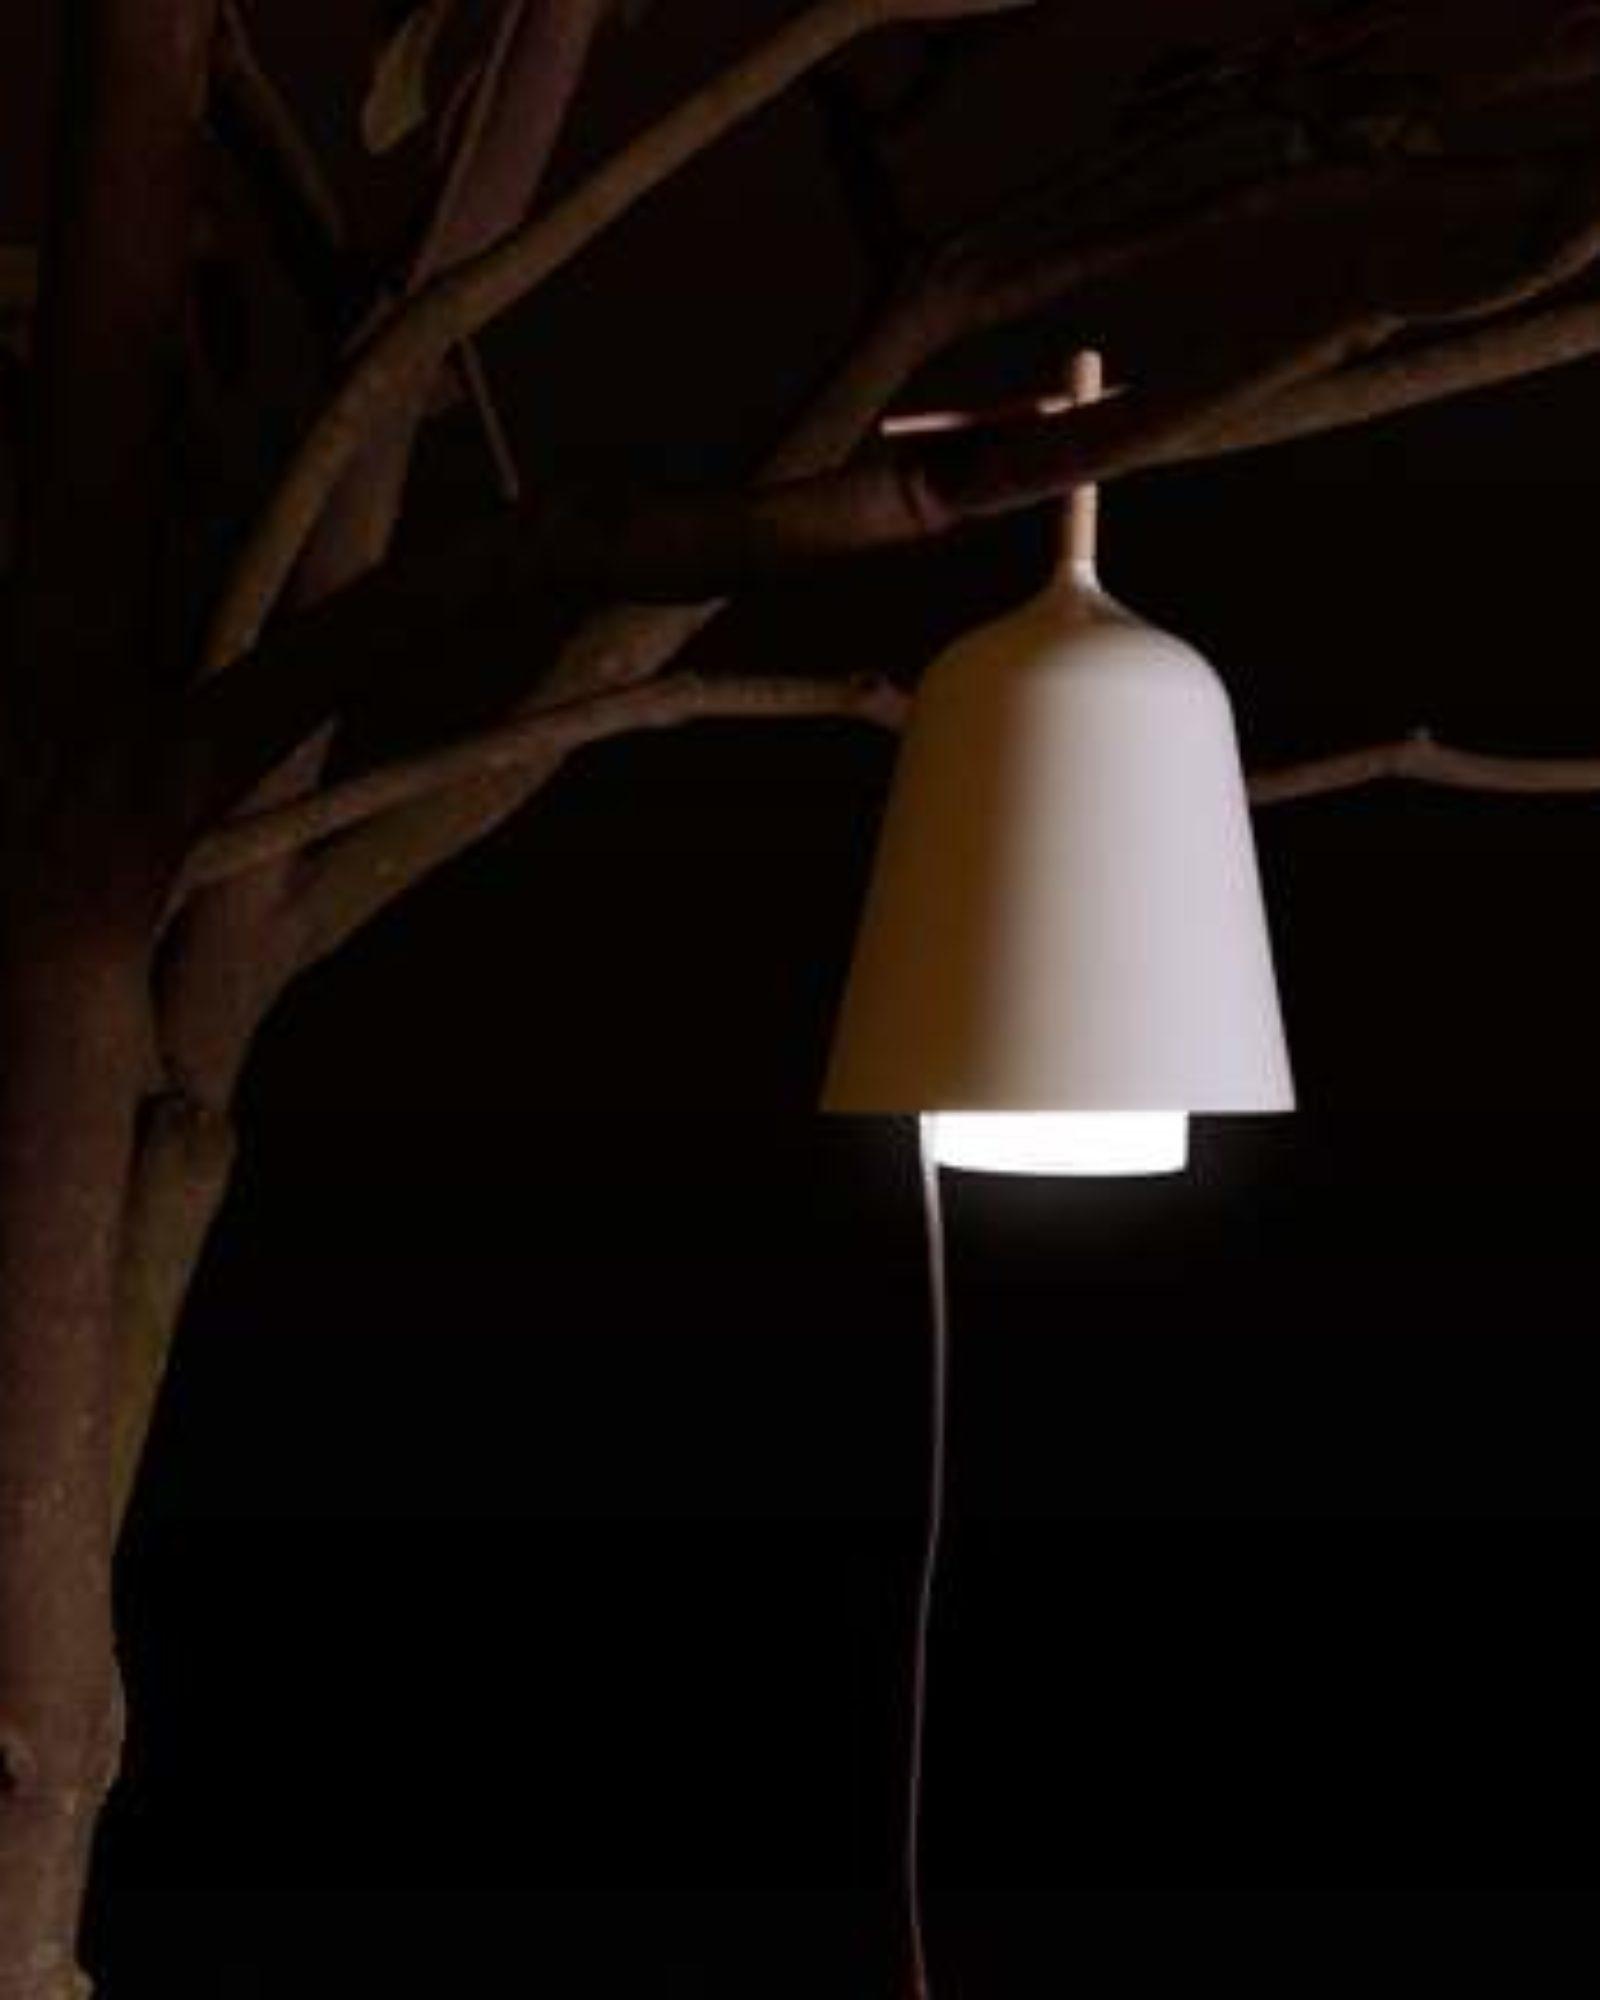 Massivt Lampe SOUS MON ARBRE par Florian BRILLET x Ligne Roset - JO YANA JH37